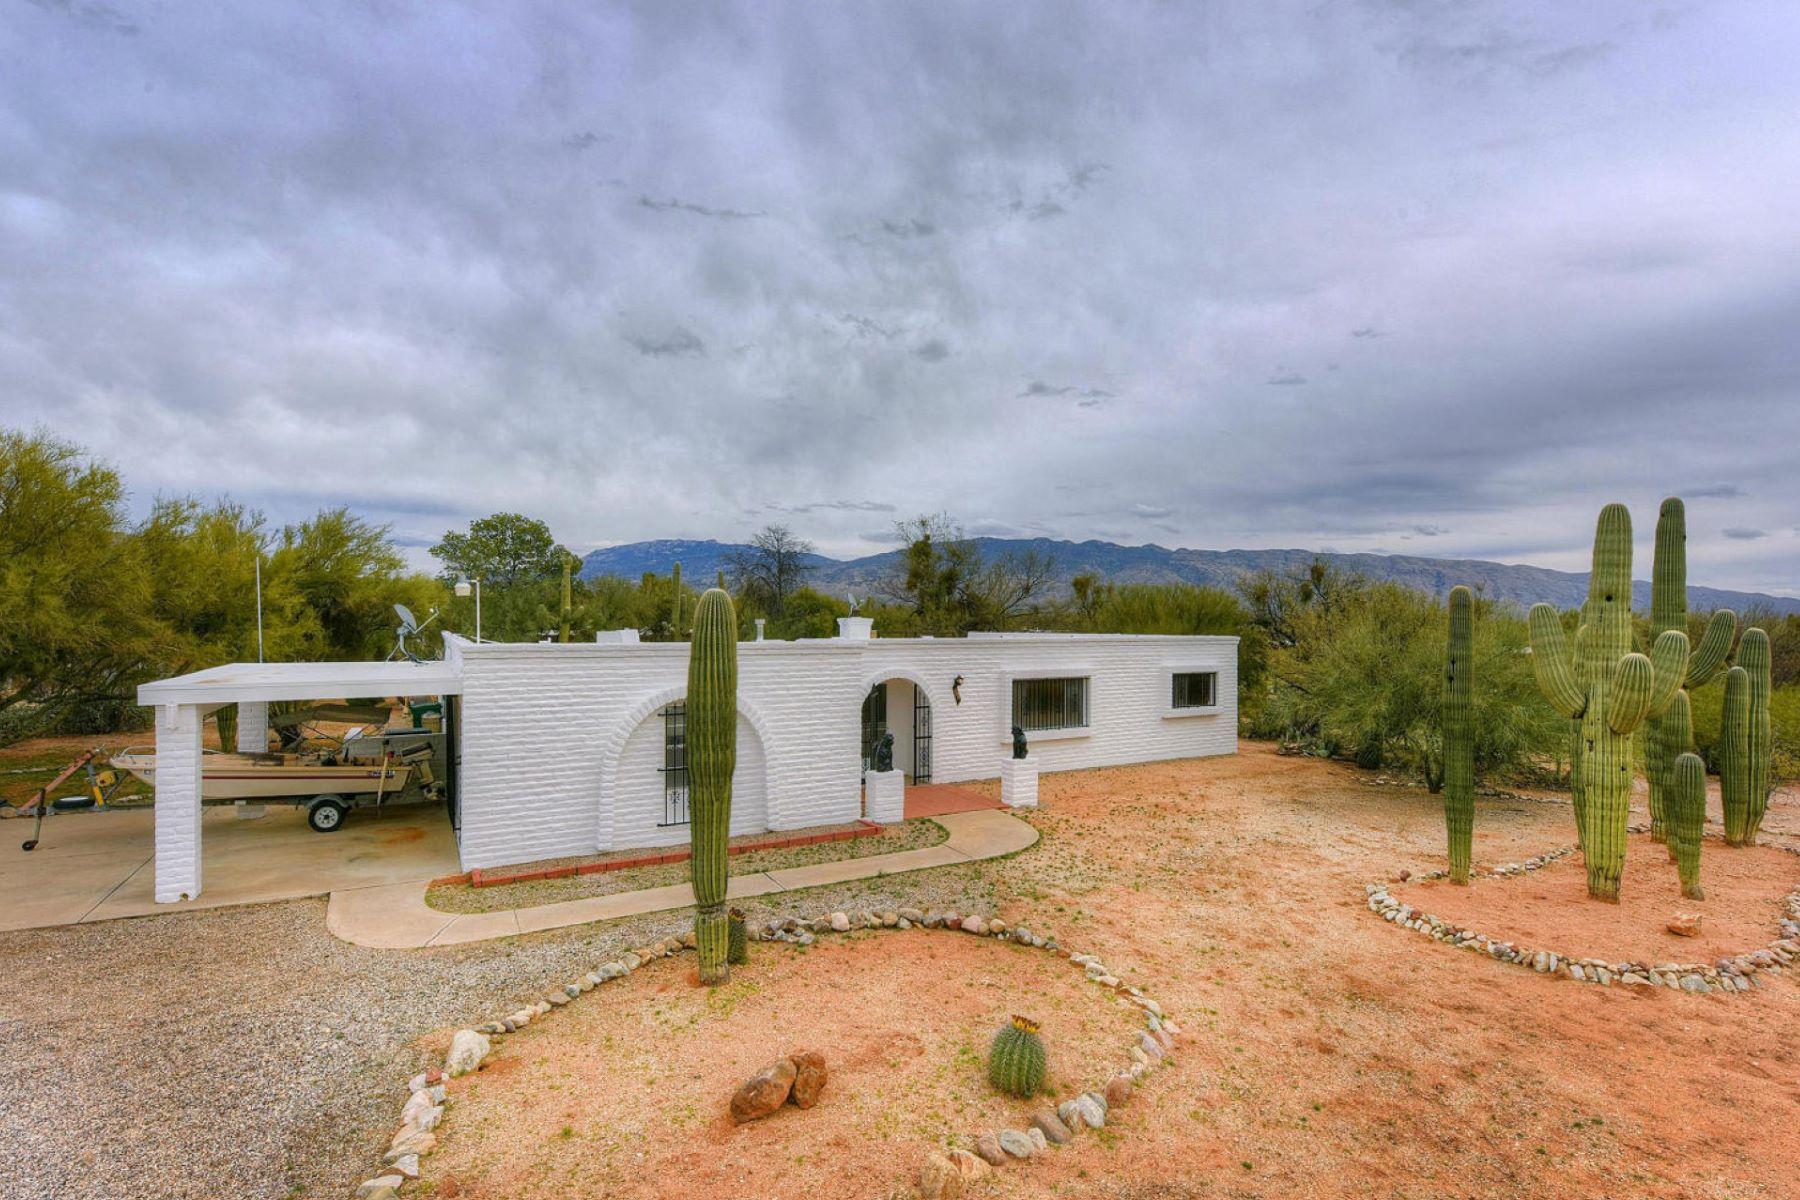 独户住宅 为 销售 在 Views for Miles! 3100 N Sourdough Place 图森, 亚利桑那州, 85749 美国